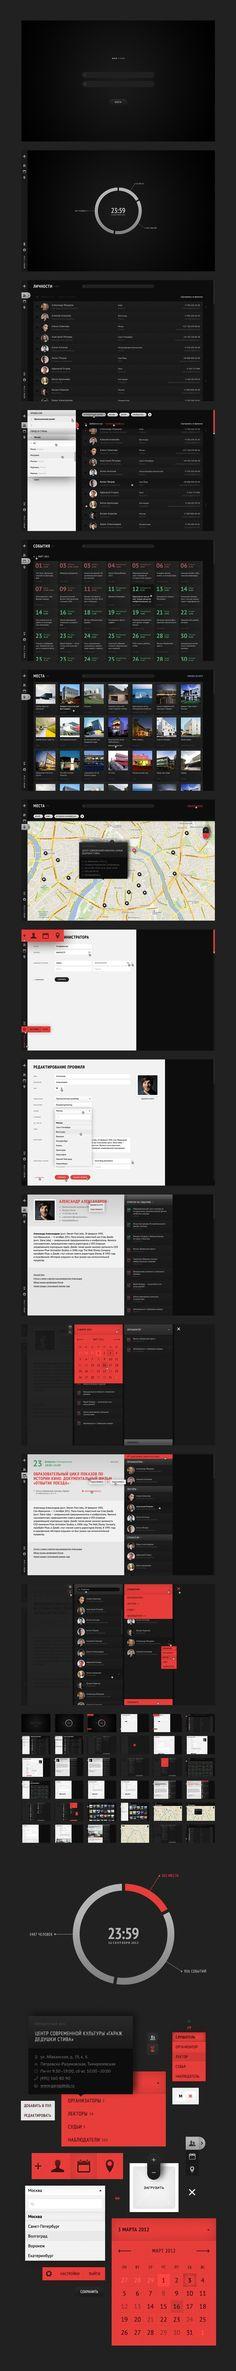 Interface design of 'MOD' CRM system / Alexander Zhestkov Game Design, Ux Design, Flat Design, Gui Interface, User Interface Design, Ui Kit, Crm System, Mobile Ui Design, Interface Design